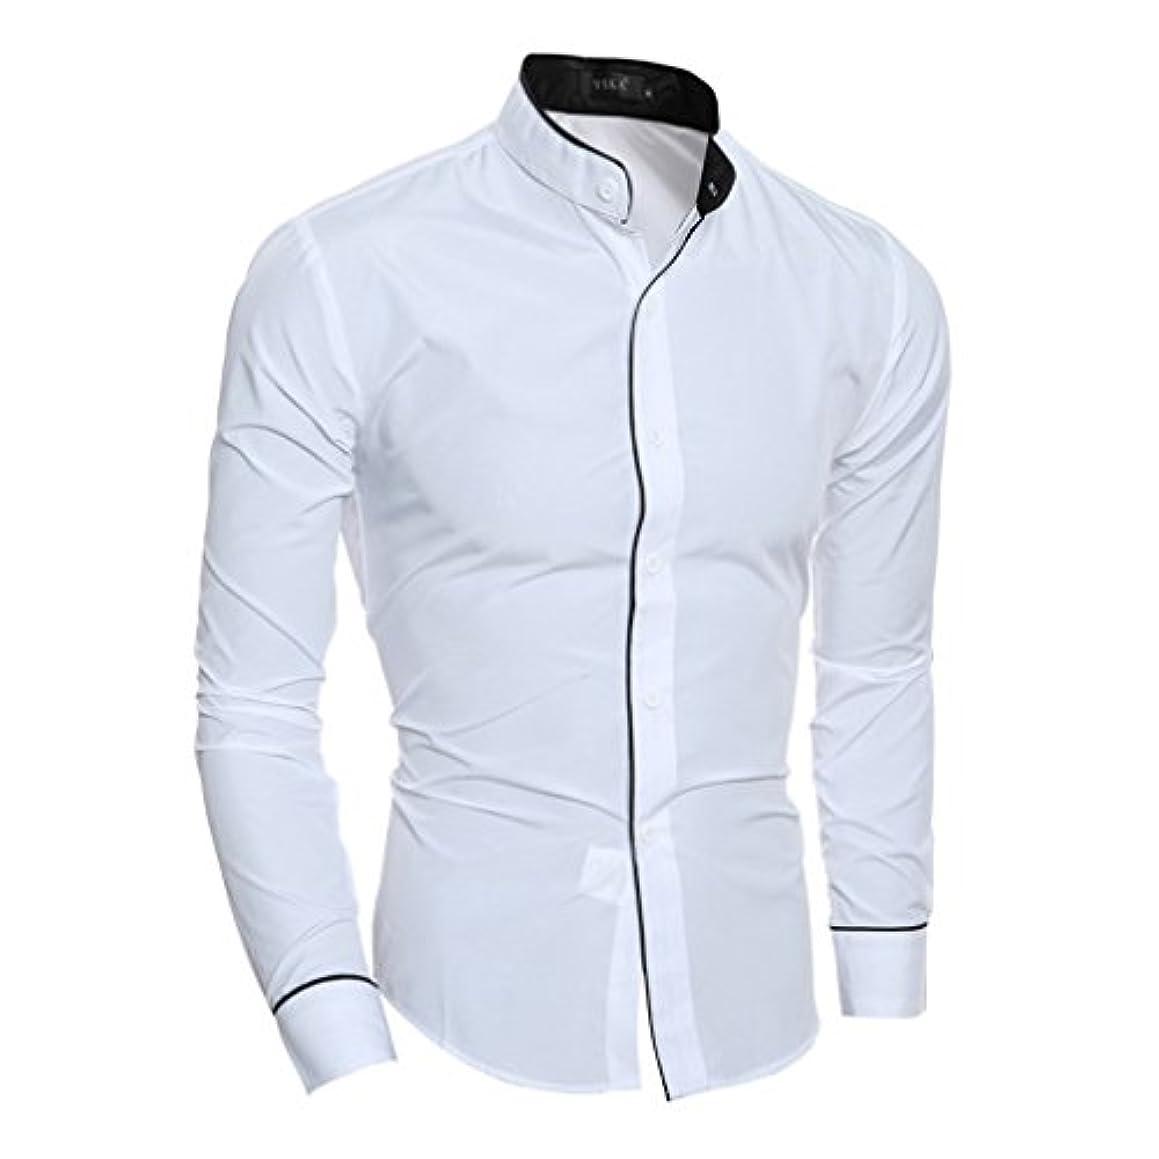 広大なみなすドラッグHonghu メンズ シャツ 長袖 縁取り カジュアル立て衿 スタントカラ スリム ホワイト M 1PC